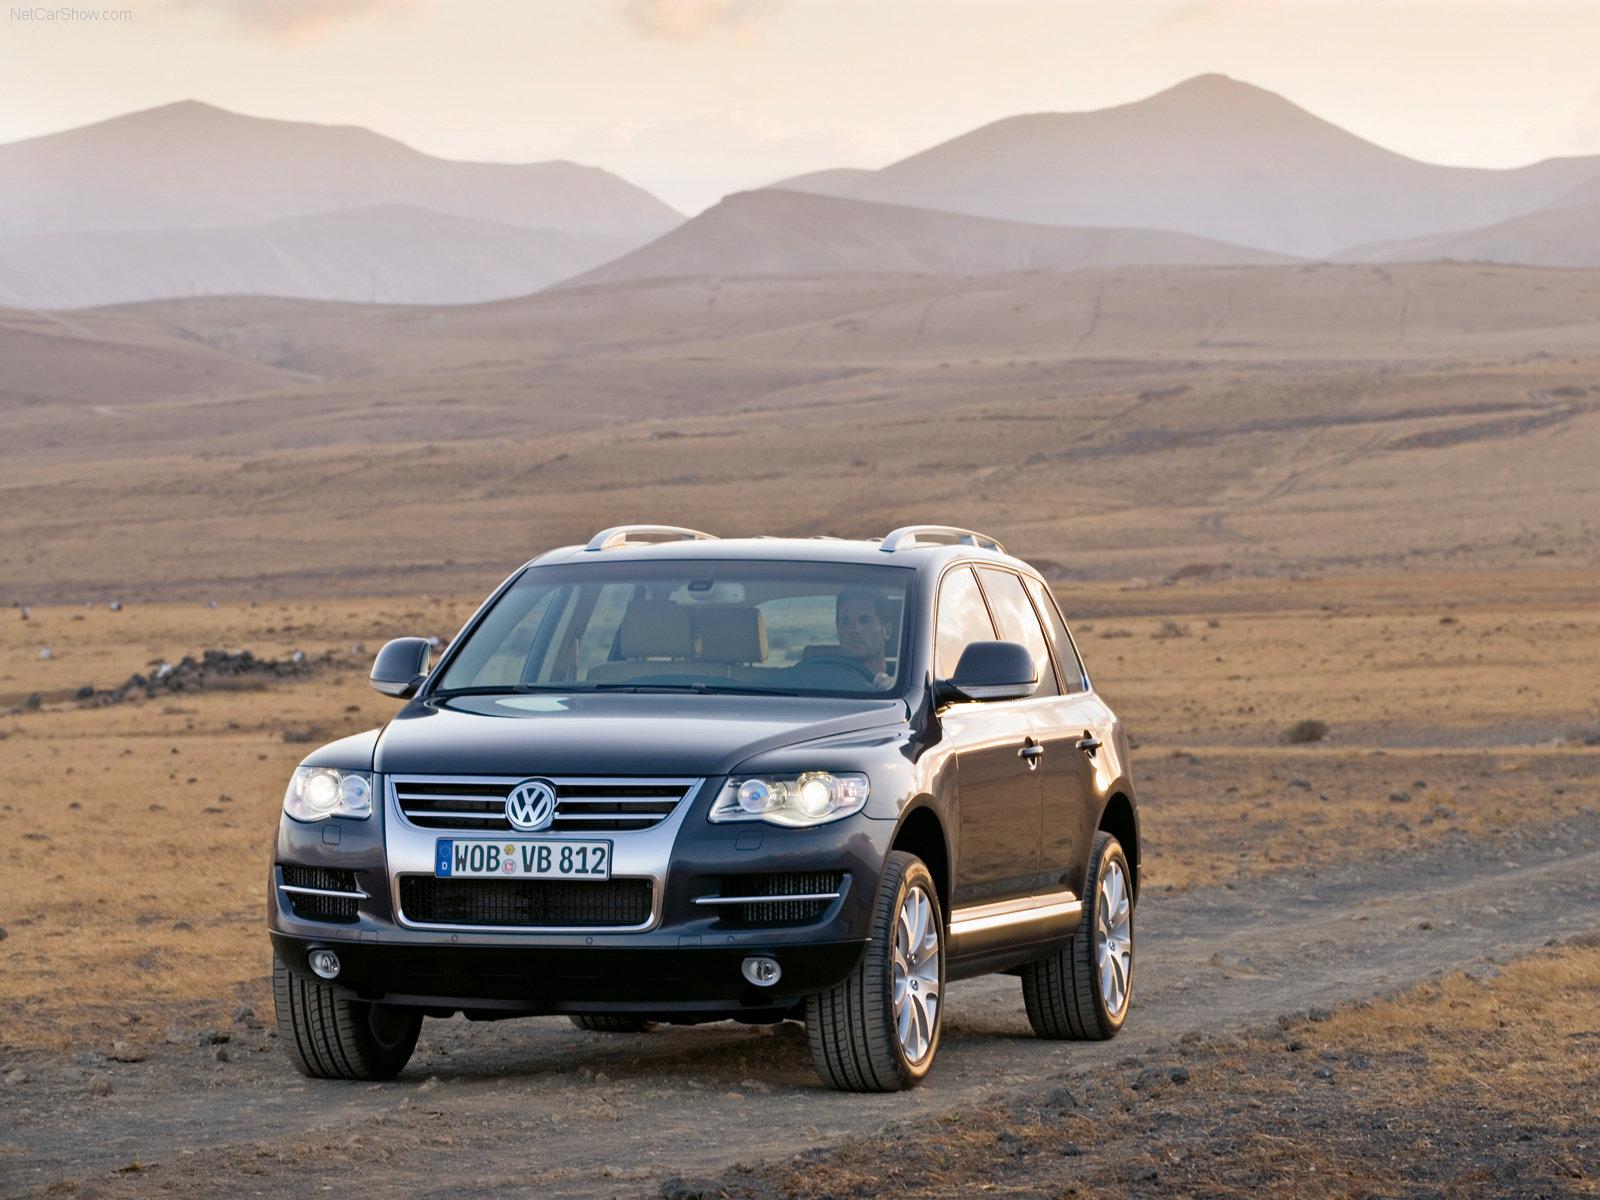 http://w04.ru/foto/Volkswagen-Touareg_2007_1600x1200_wallpaper_0a.jpg